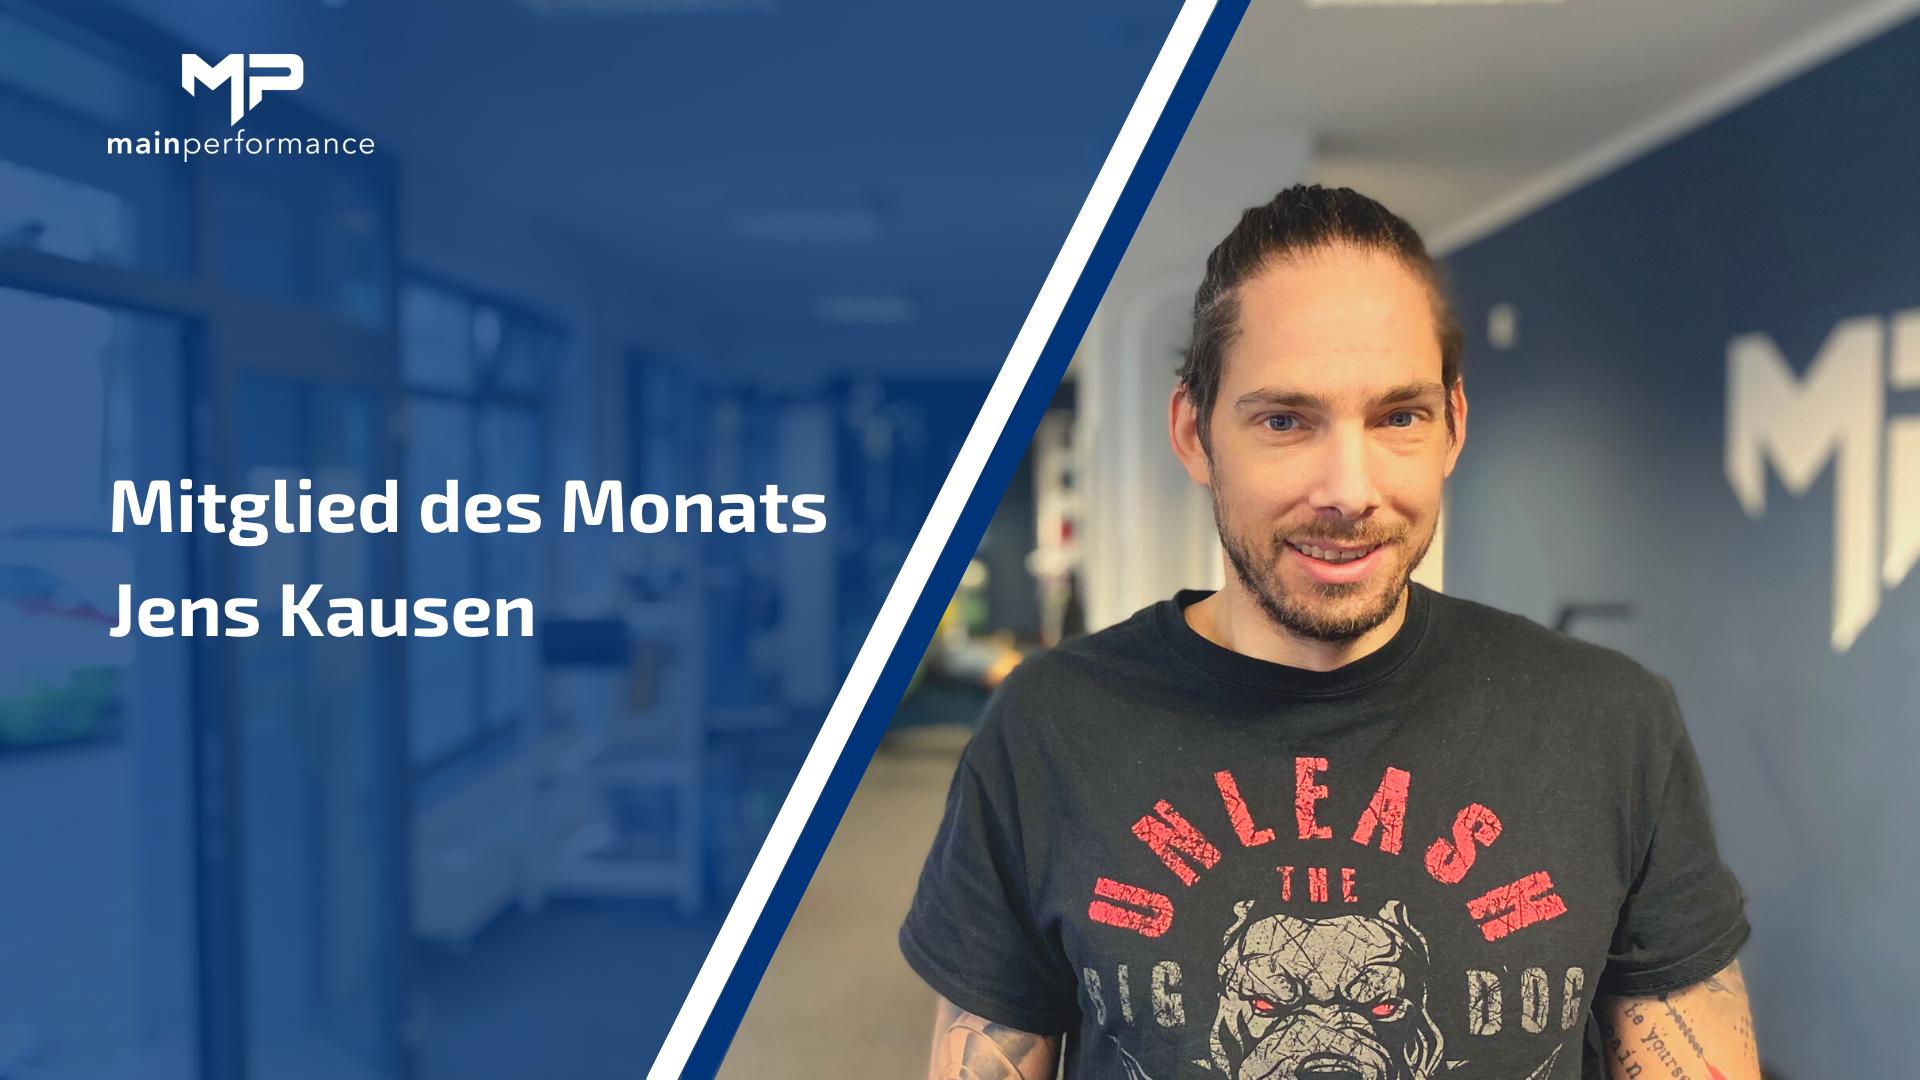 Mitglied des Monats: Jens